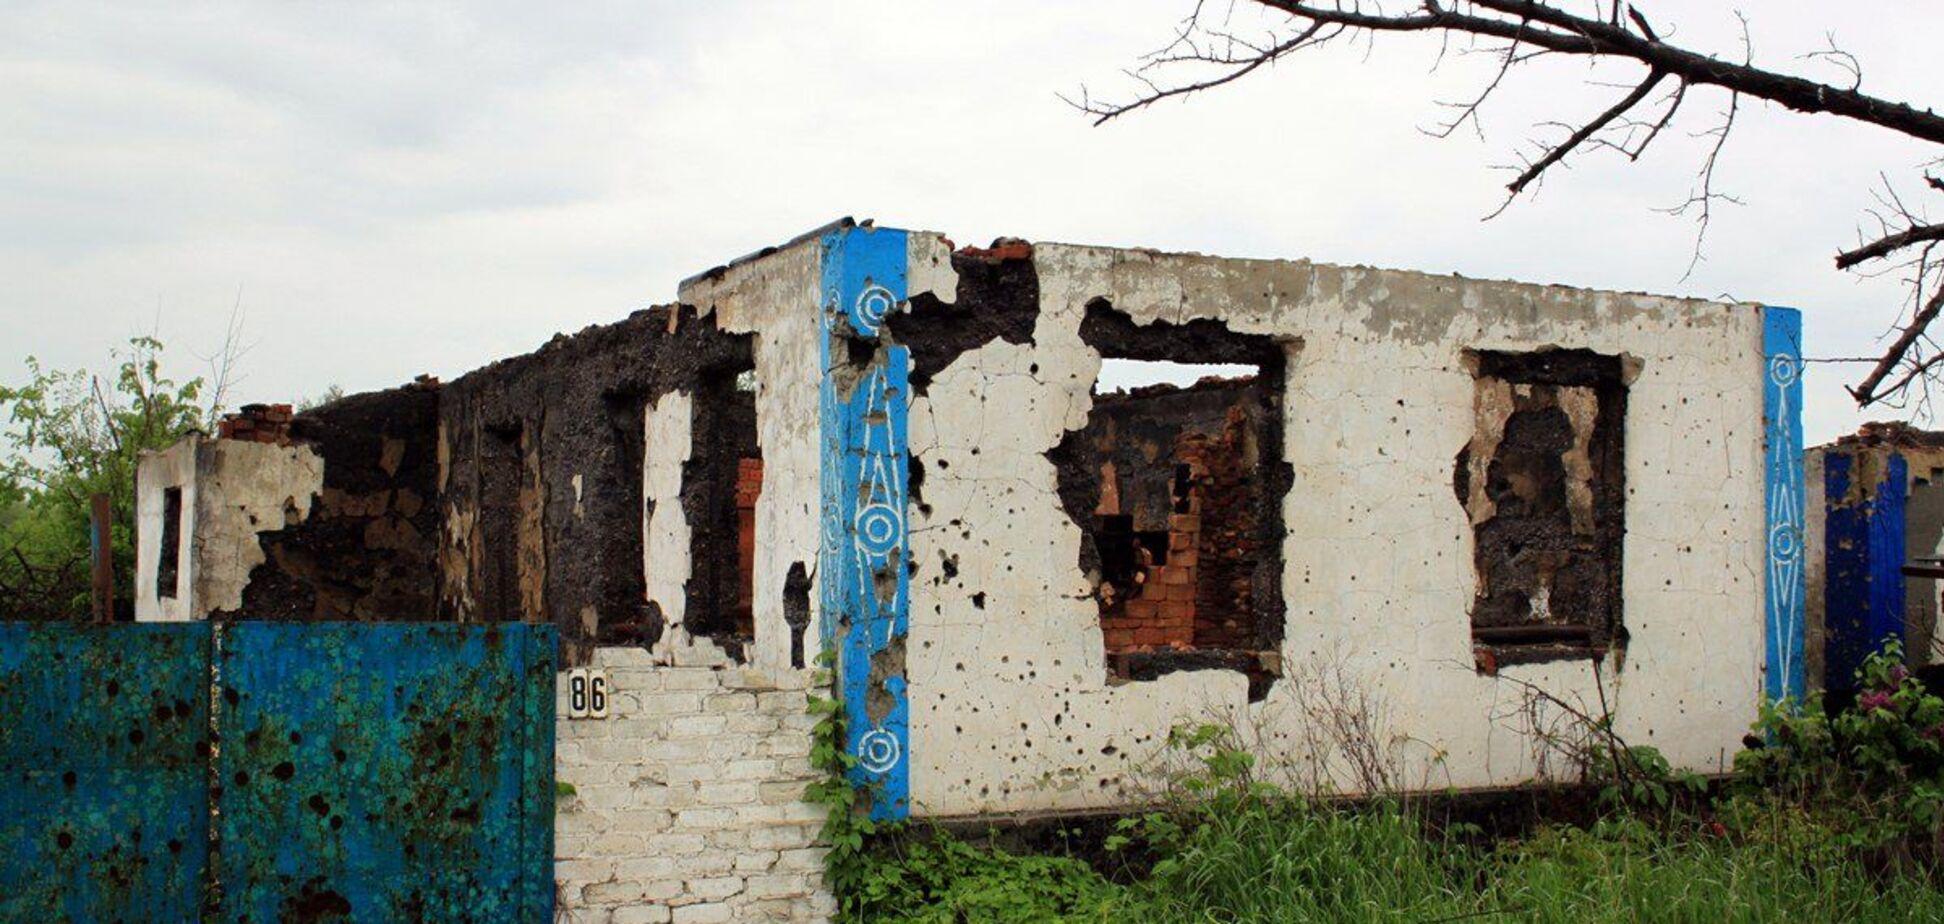 Офицер ВСУ опубликовал показательный снимок 'русского мира' на Донбассе